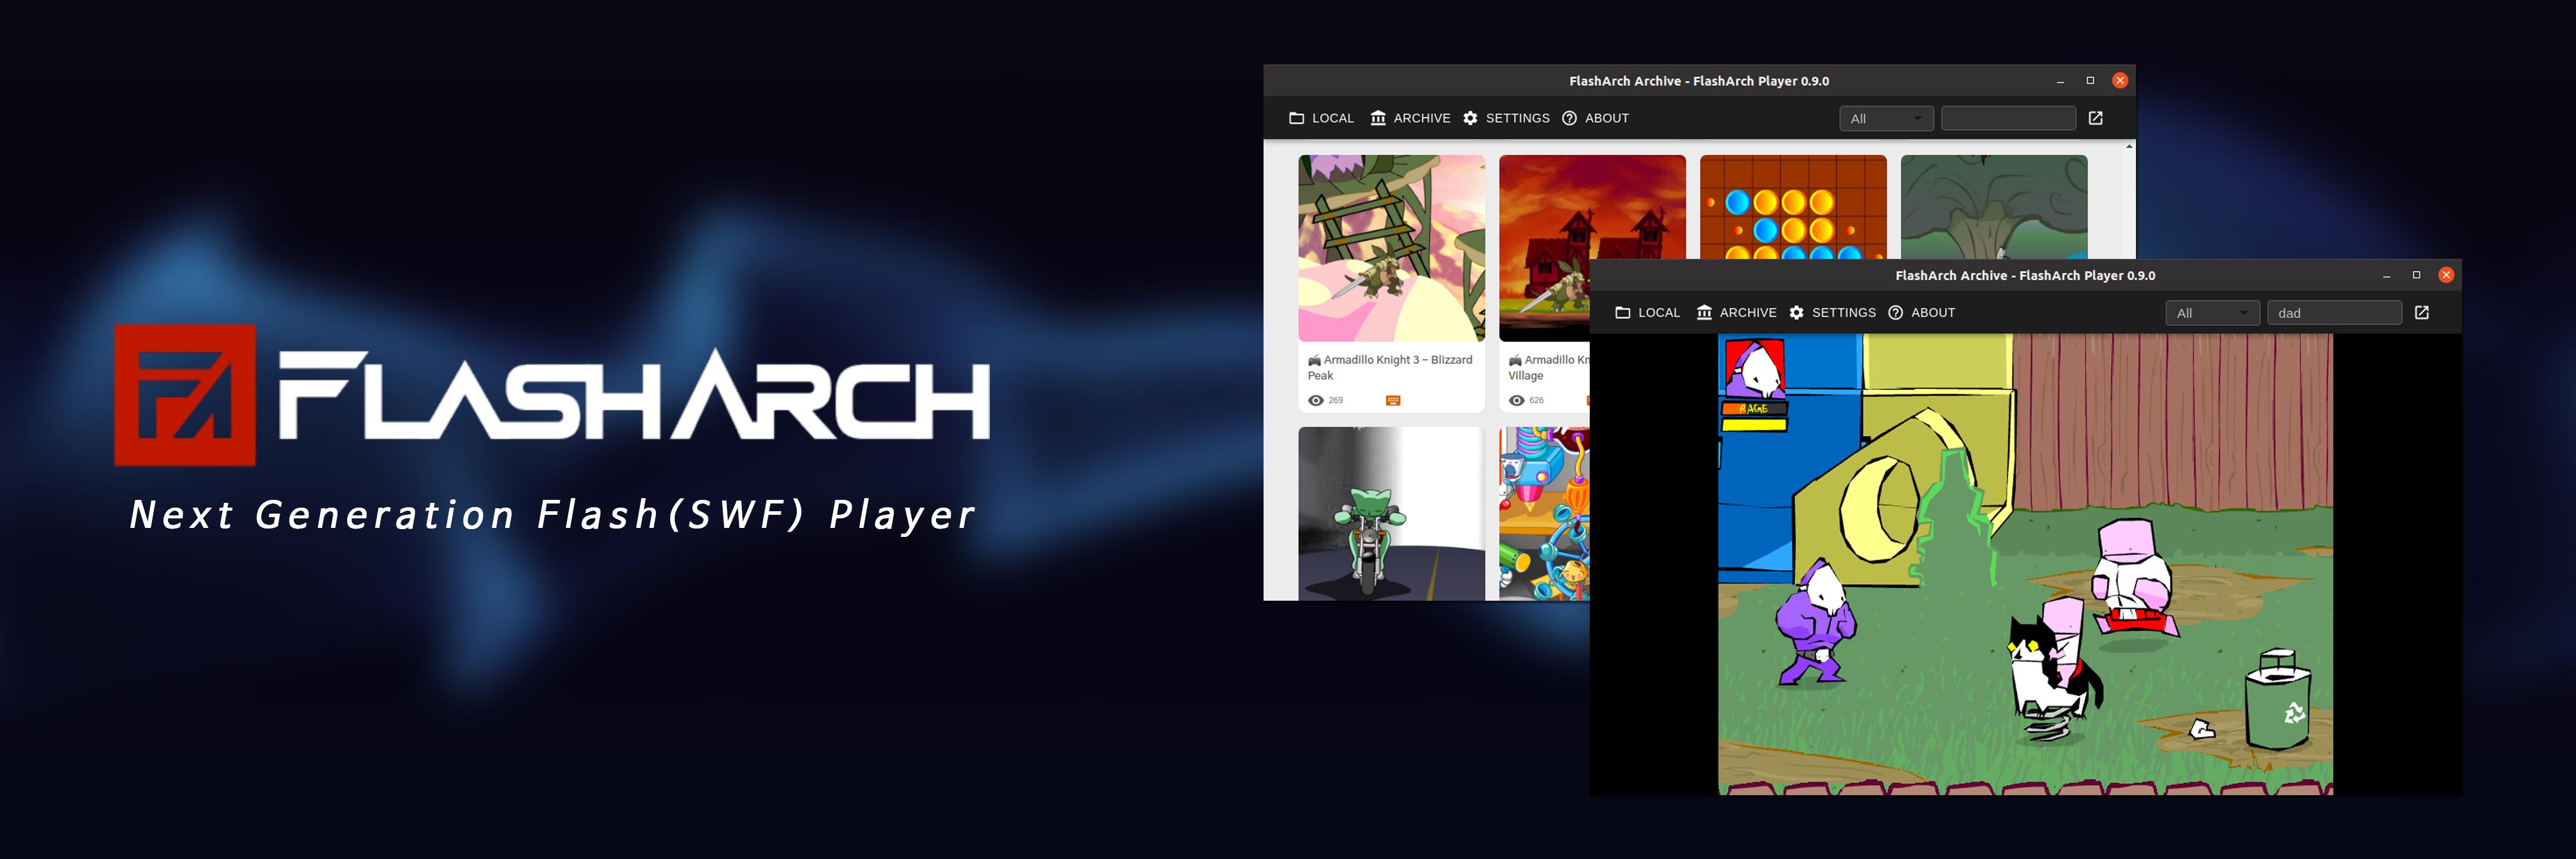 FlashArch - Adobe Flash SWF Player banner